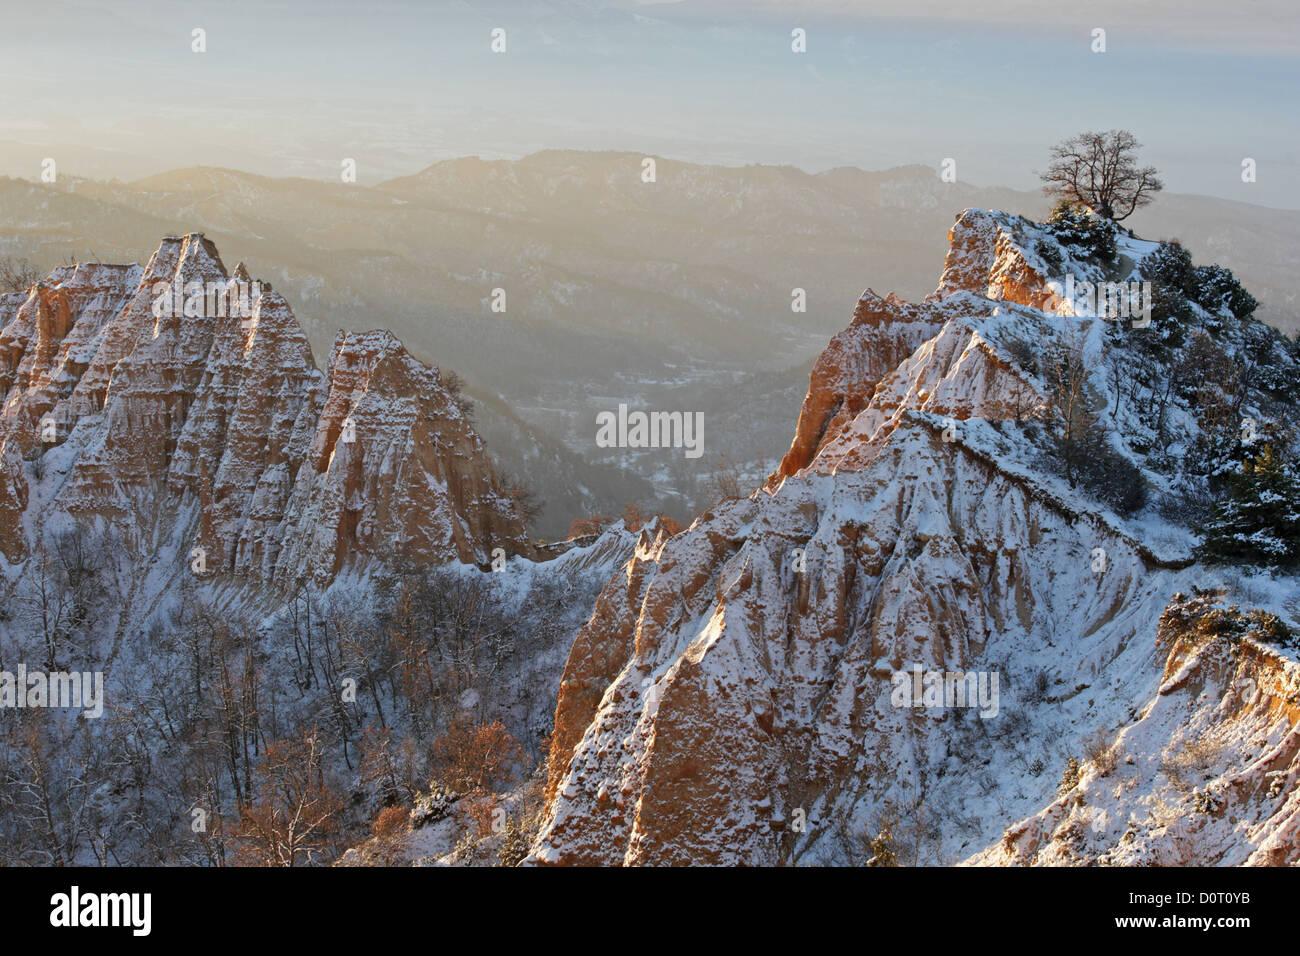 Winterlandschaft von Naturphänomen Pyramiden Sand in der Region von Melnik, Bulgarien Stockbild